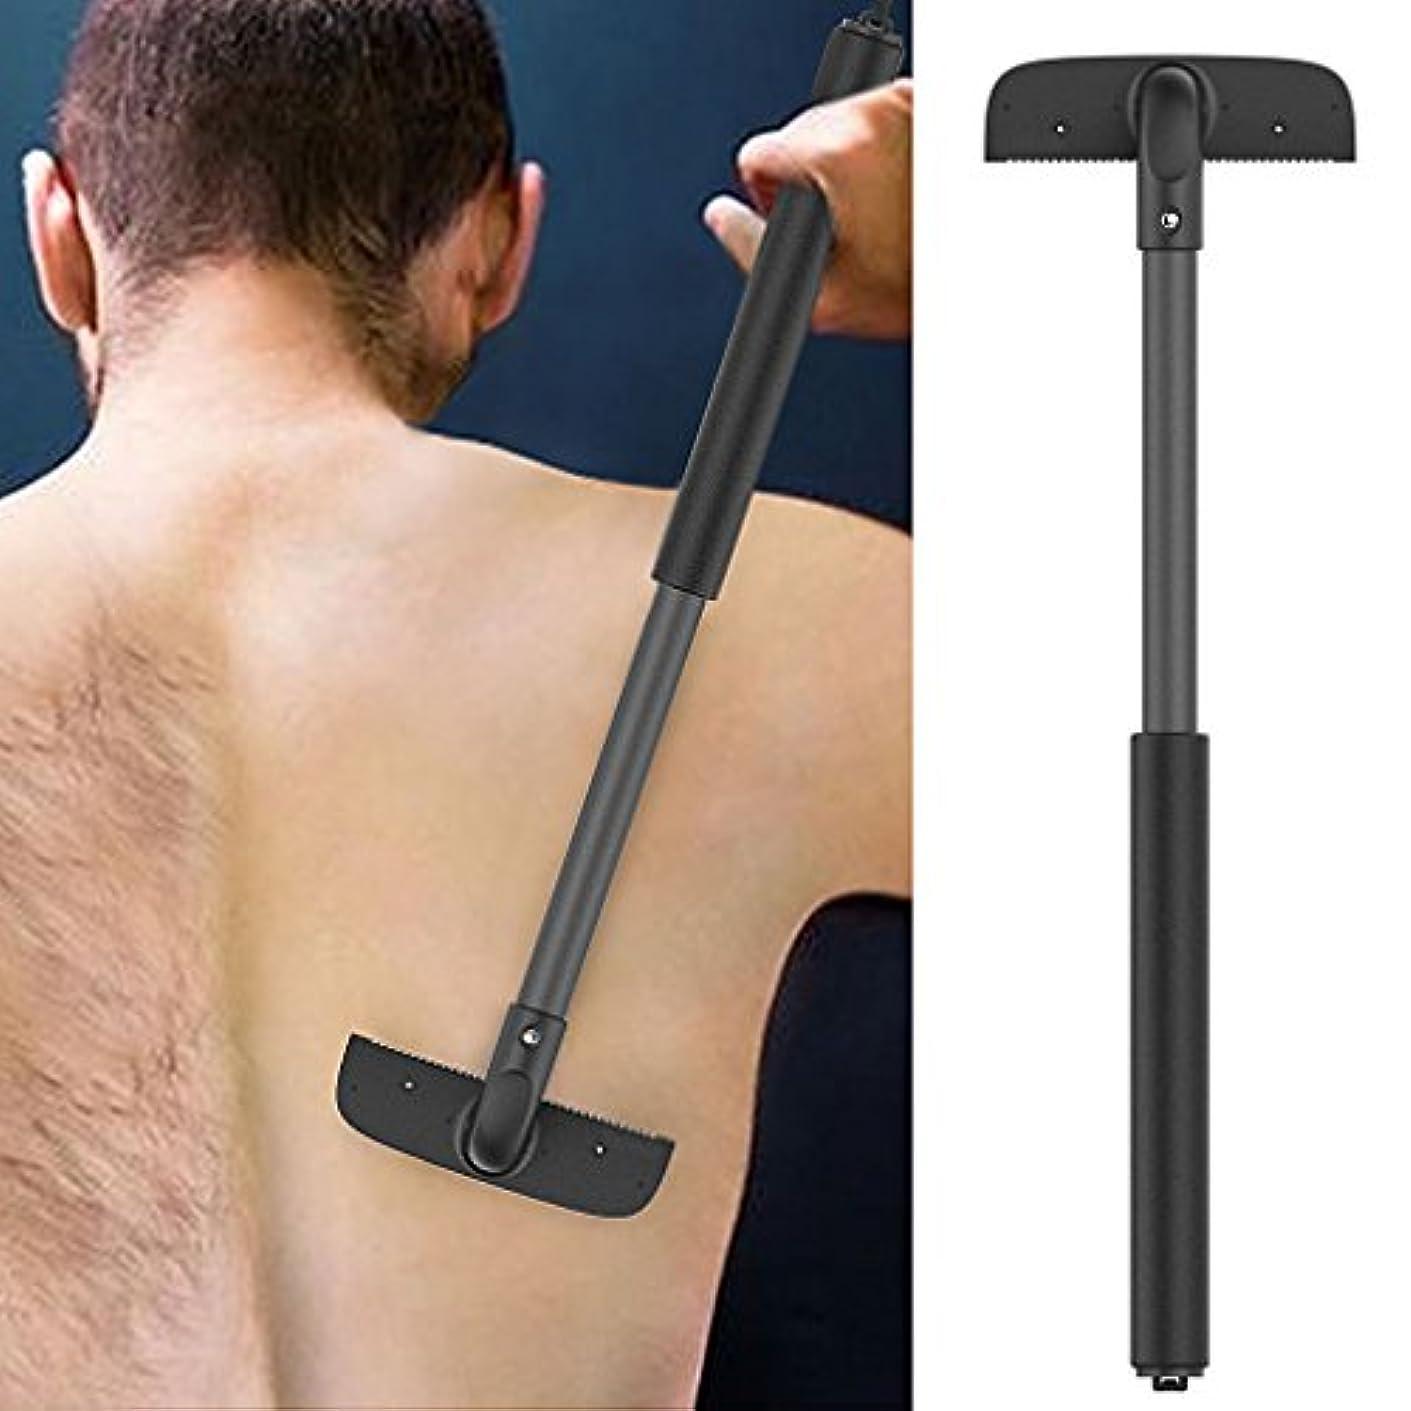 近傍リーダーシップ第九バックヘア、Back Hair Removal And Body Shaver,調節可能/拡張可能なボディヘアボディーシェーバートリマーカミソリセルフグルーミングツール、男性のためのカミソリ